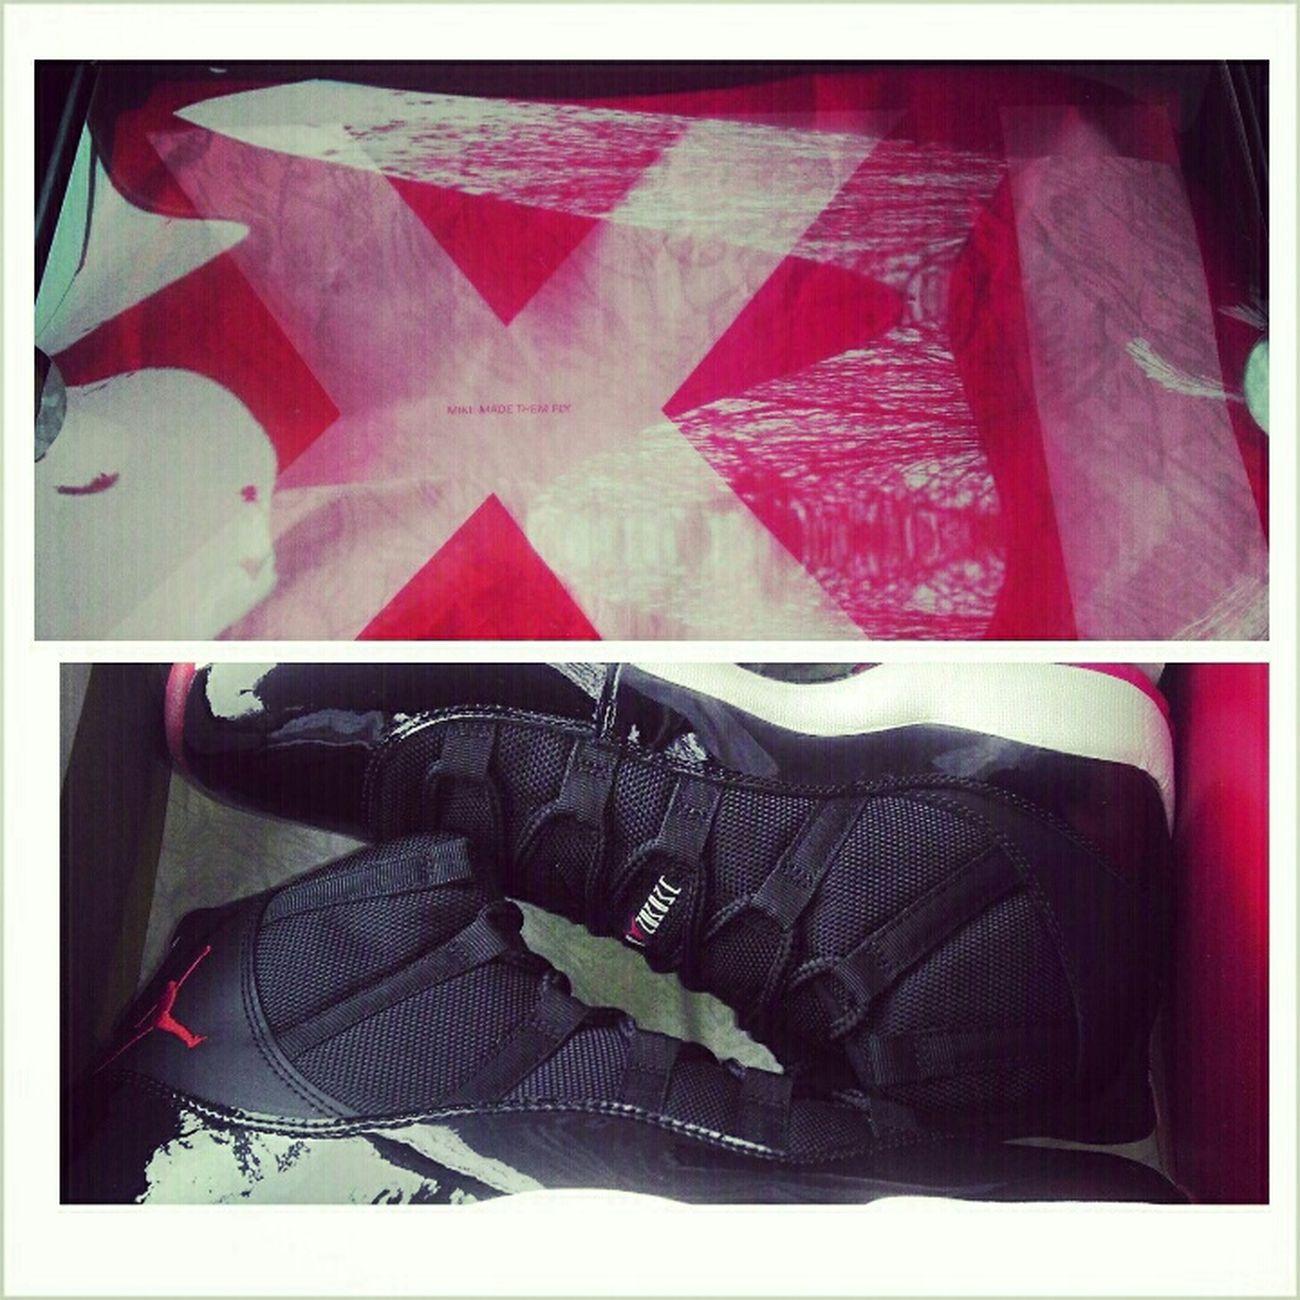 Sneaker Fiend